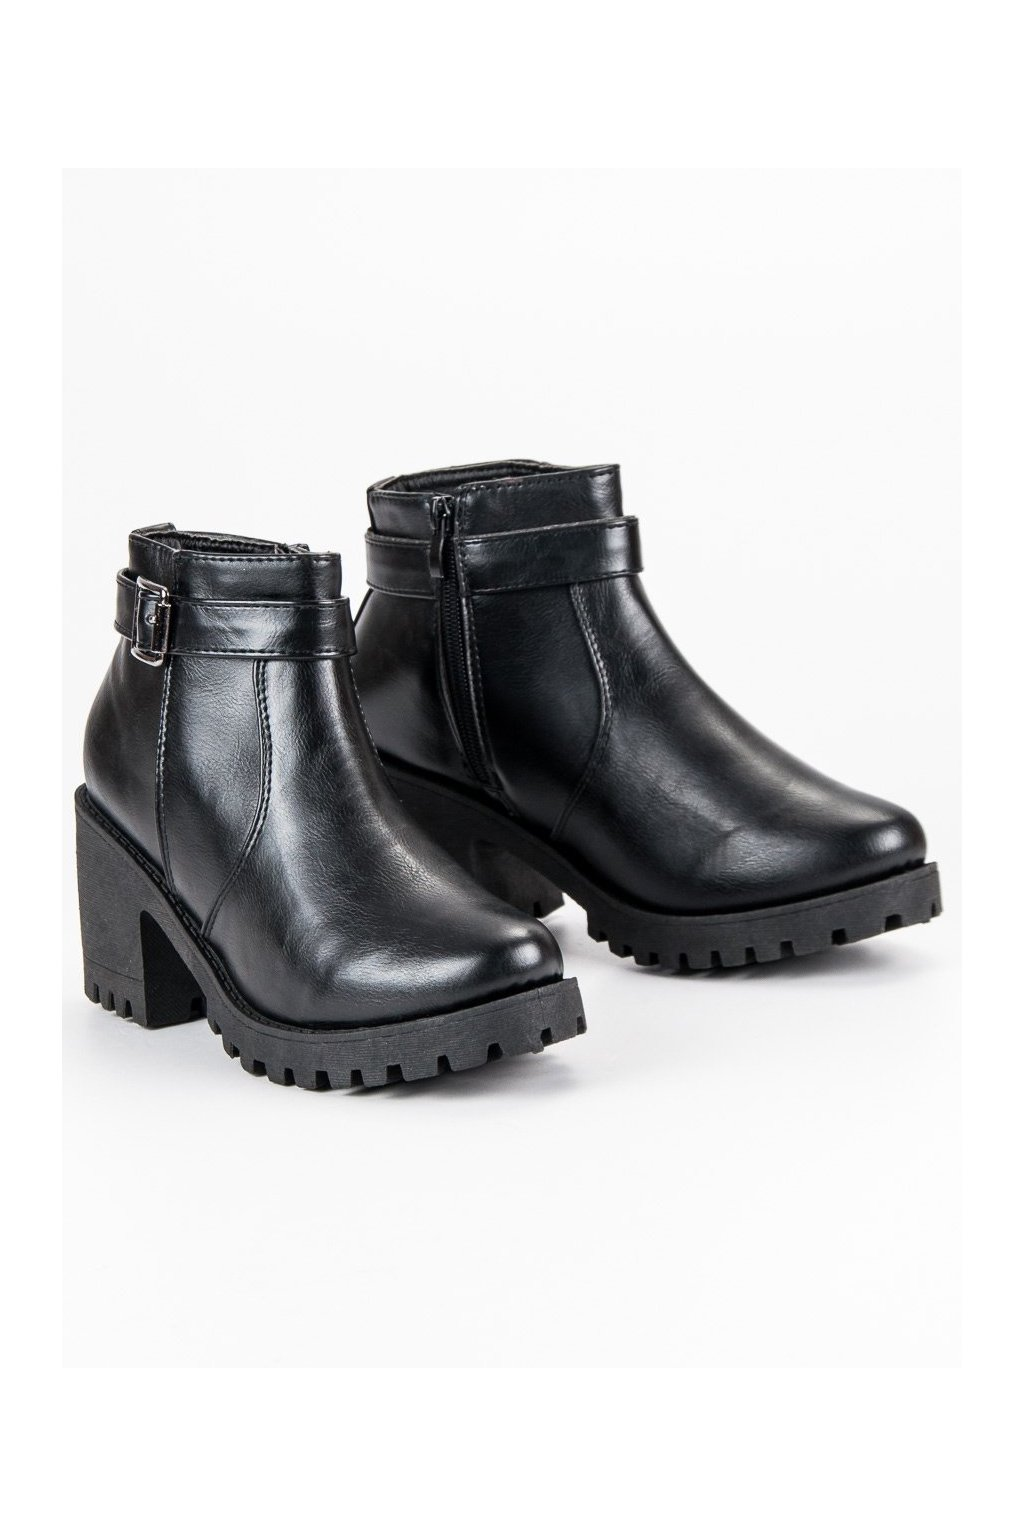 ... Čierne dámske topánky s hrubou podrážkou CnB ... c5afacd24e3